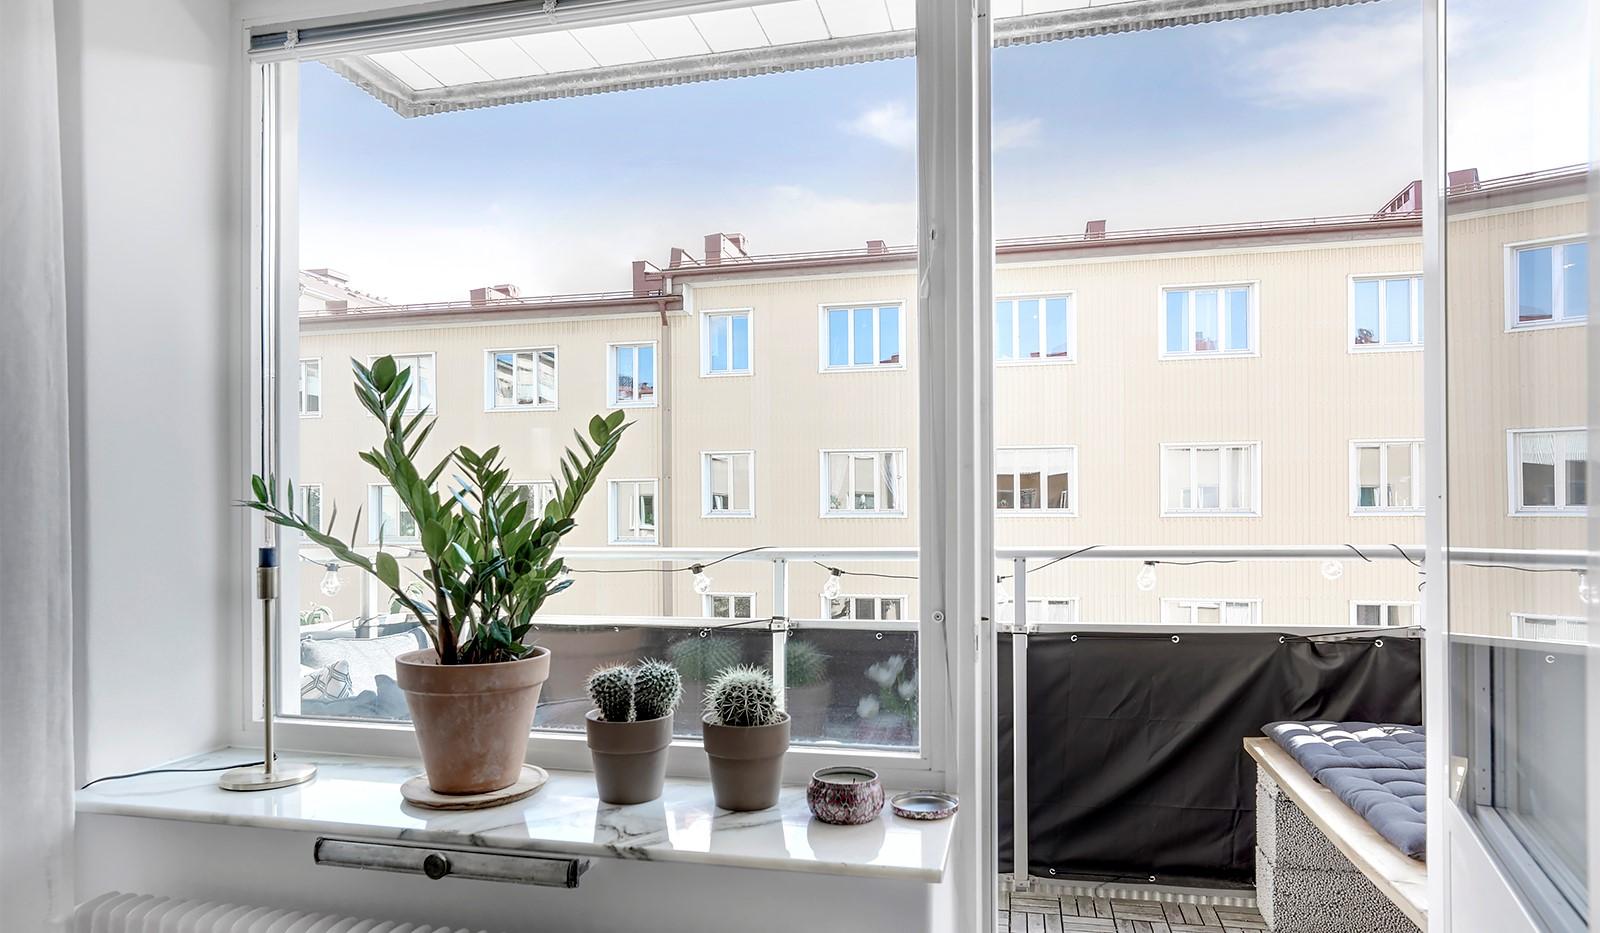 Råggatan 8, 1,5 tr - Fönsterpartiet i vardagsrummet släpper in massor av ljus